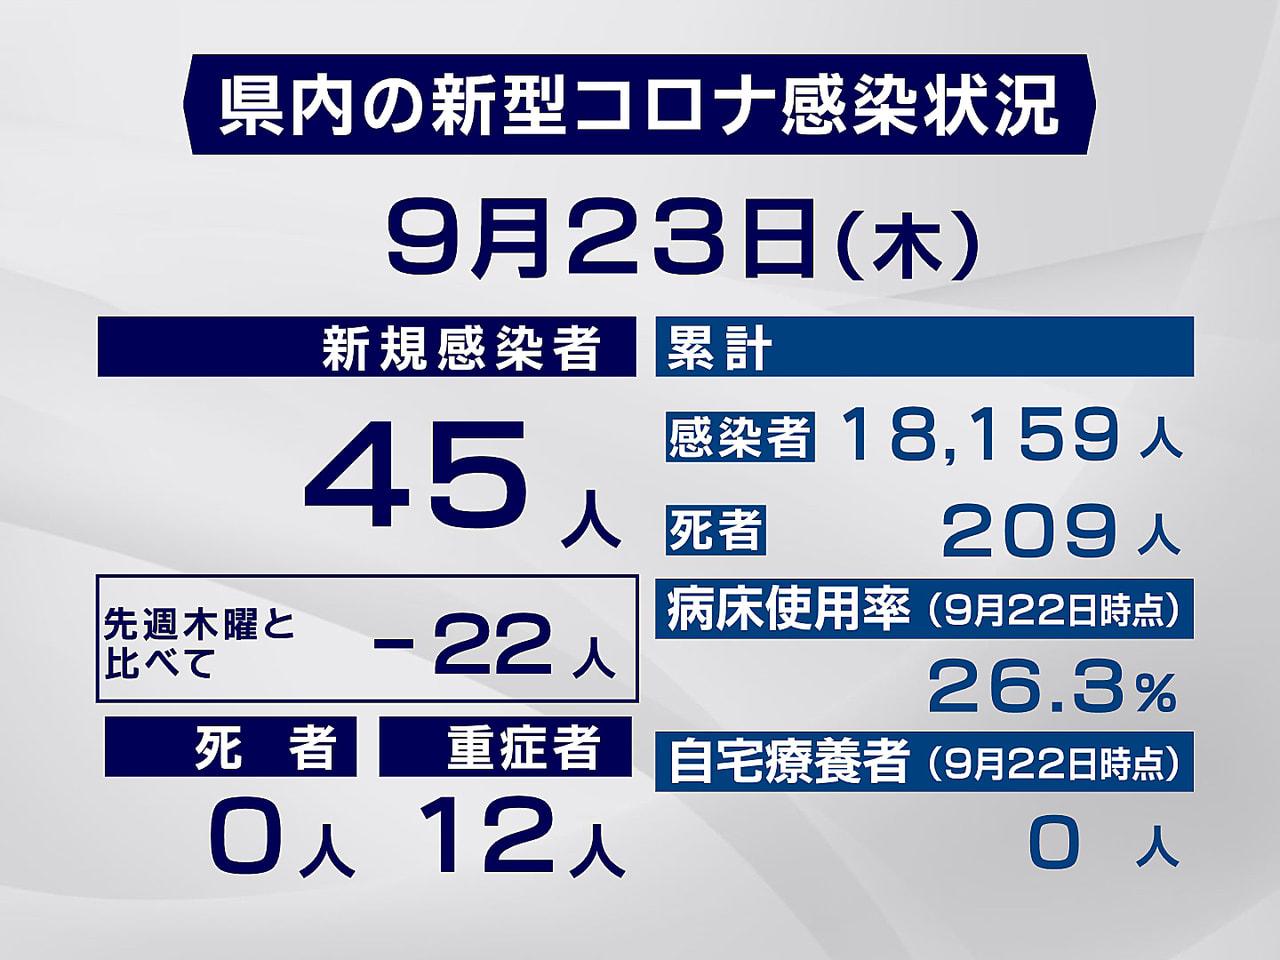 岐阜県と岐阜市は23日、新型コロナウイルスの感染が新たに45人確認されたと発表し...